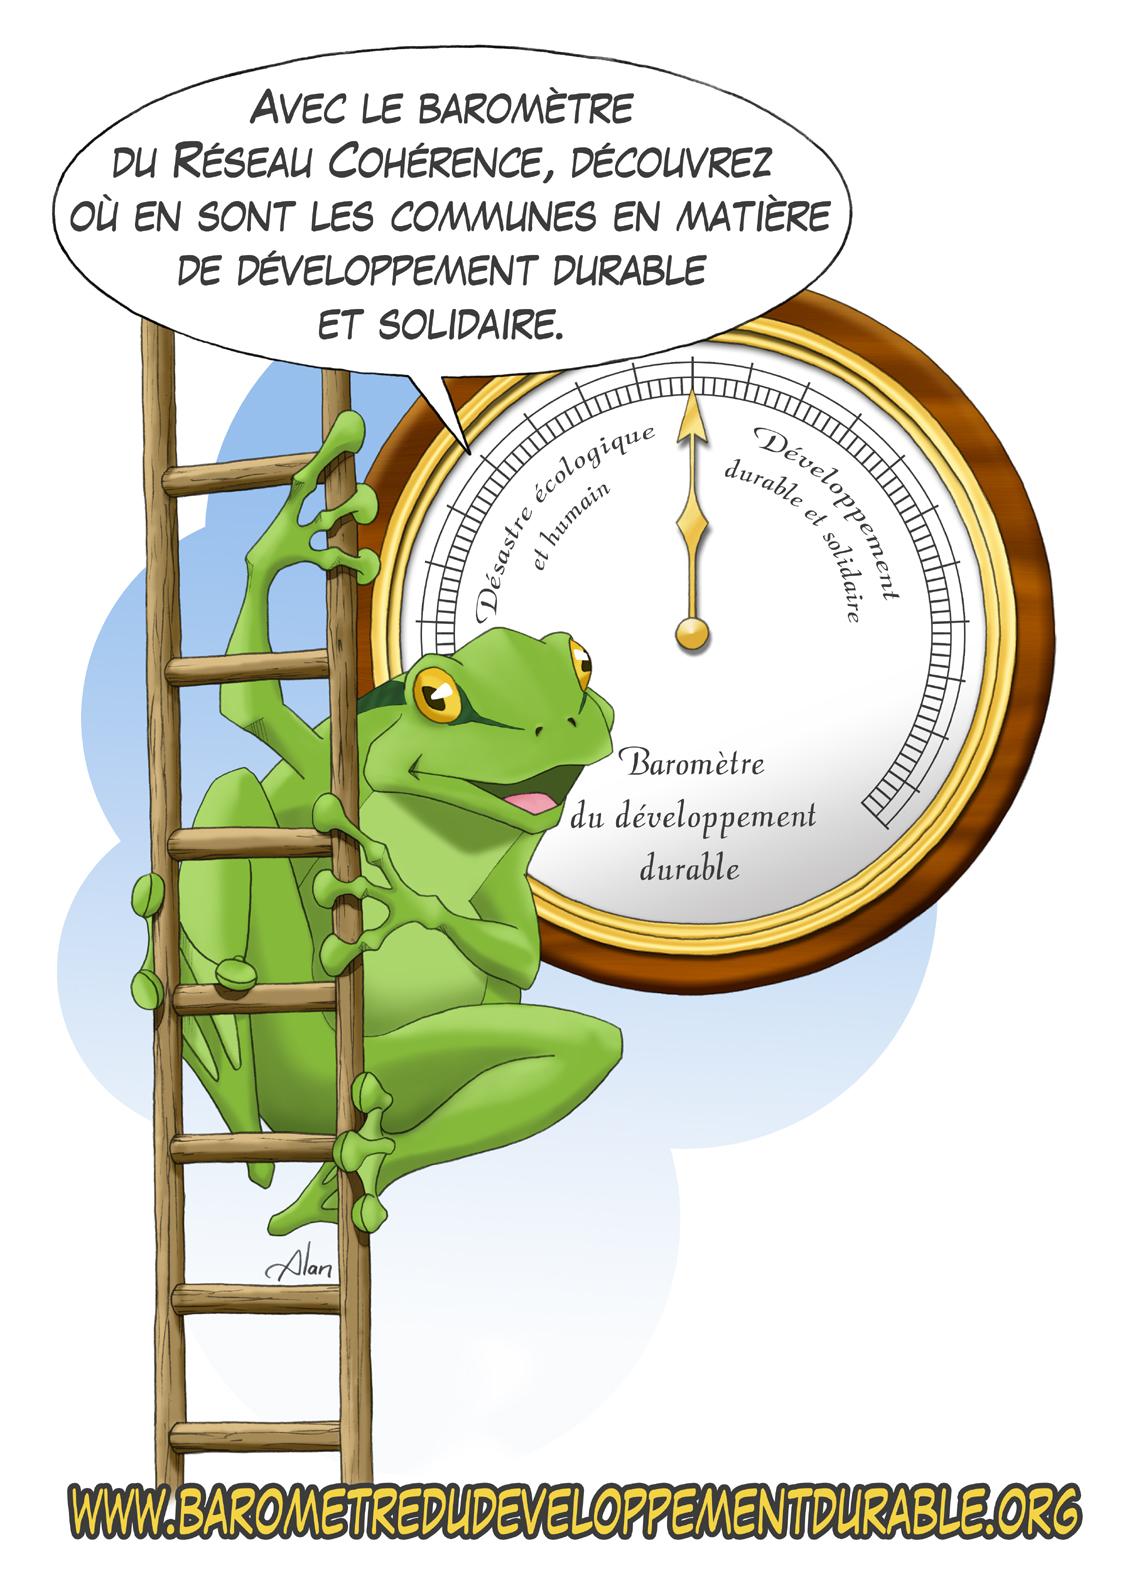 Le baromètre du développement durable (rediffusion)